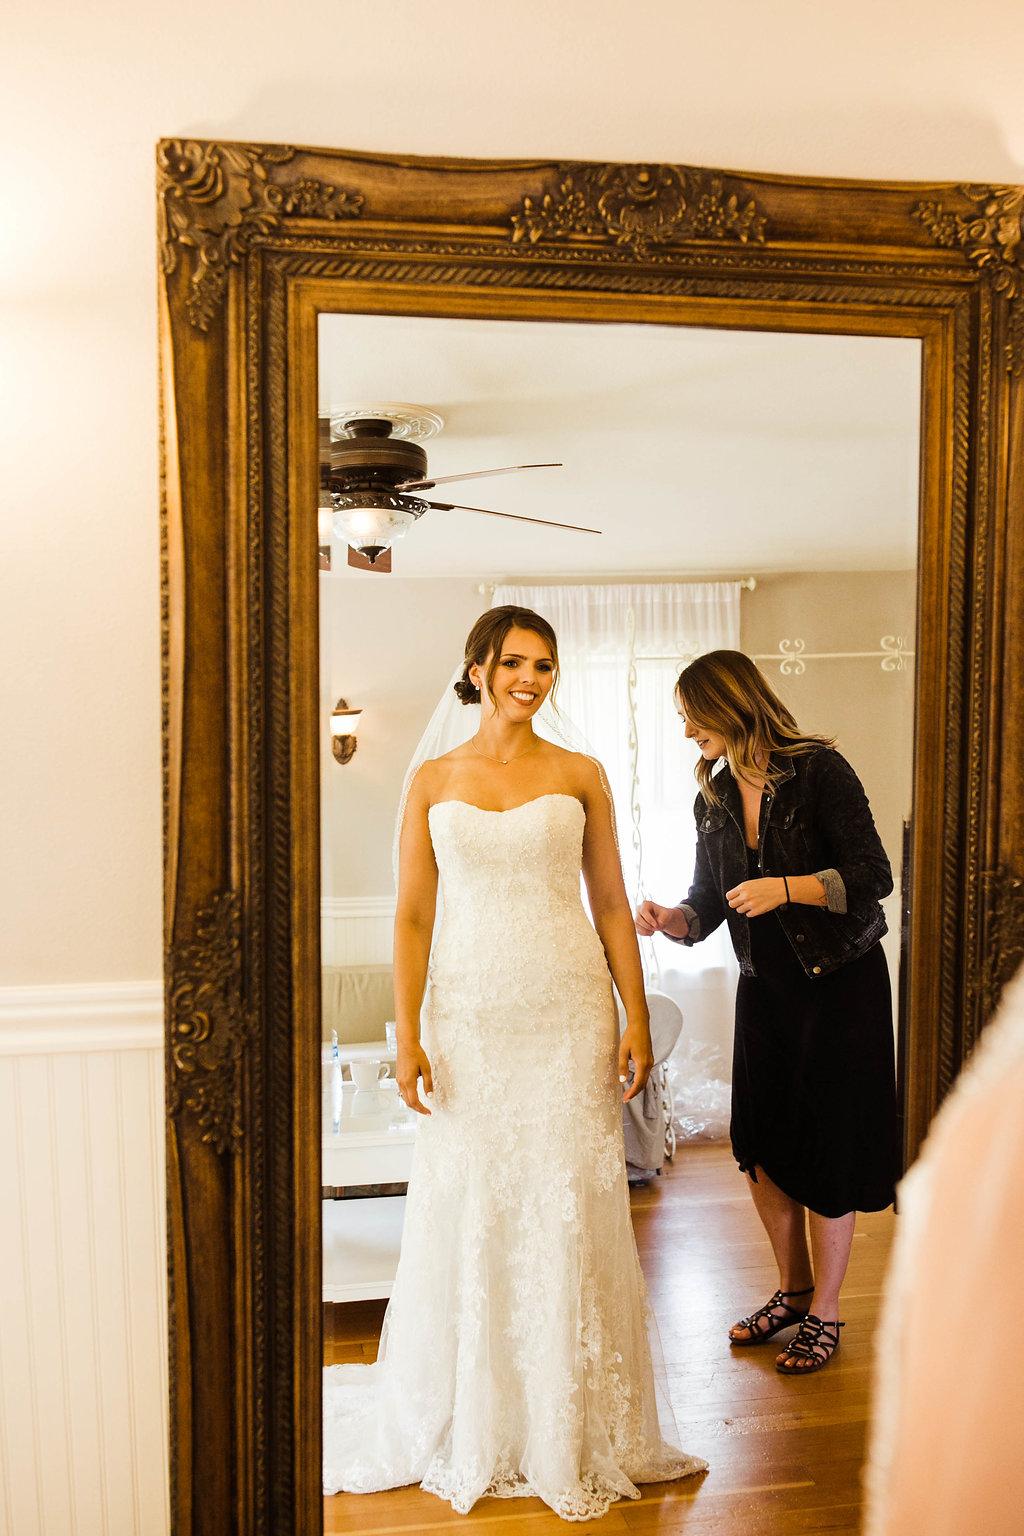 Erin+Tyson_The_Kelley_Farm_Wedding_by_Adina_Preston_Weddings_134.JPG